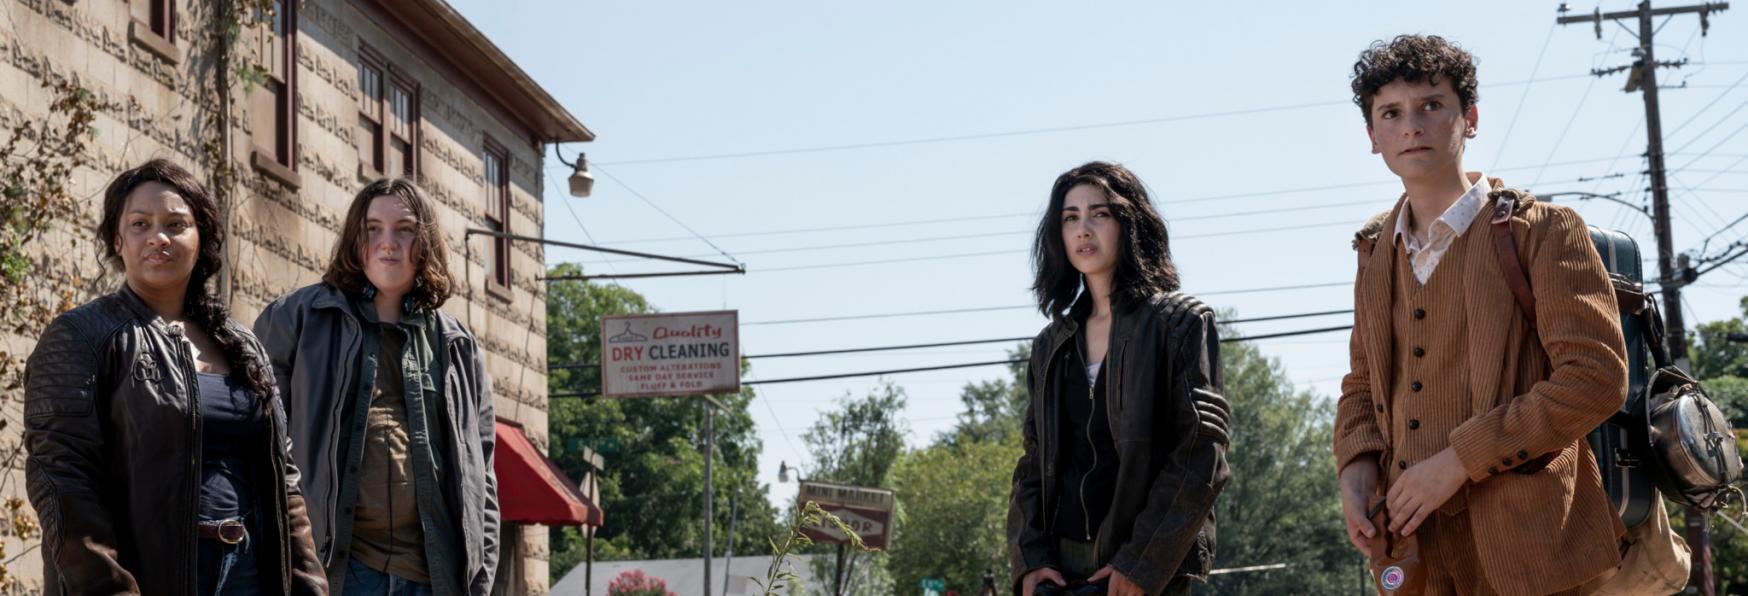 The Walking Dead: World Beyond - Rimandata la Prima TV dello Spin-off della Serie TV AMC